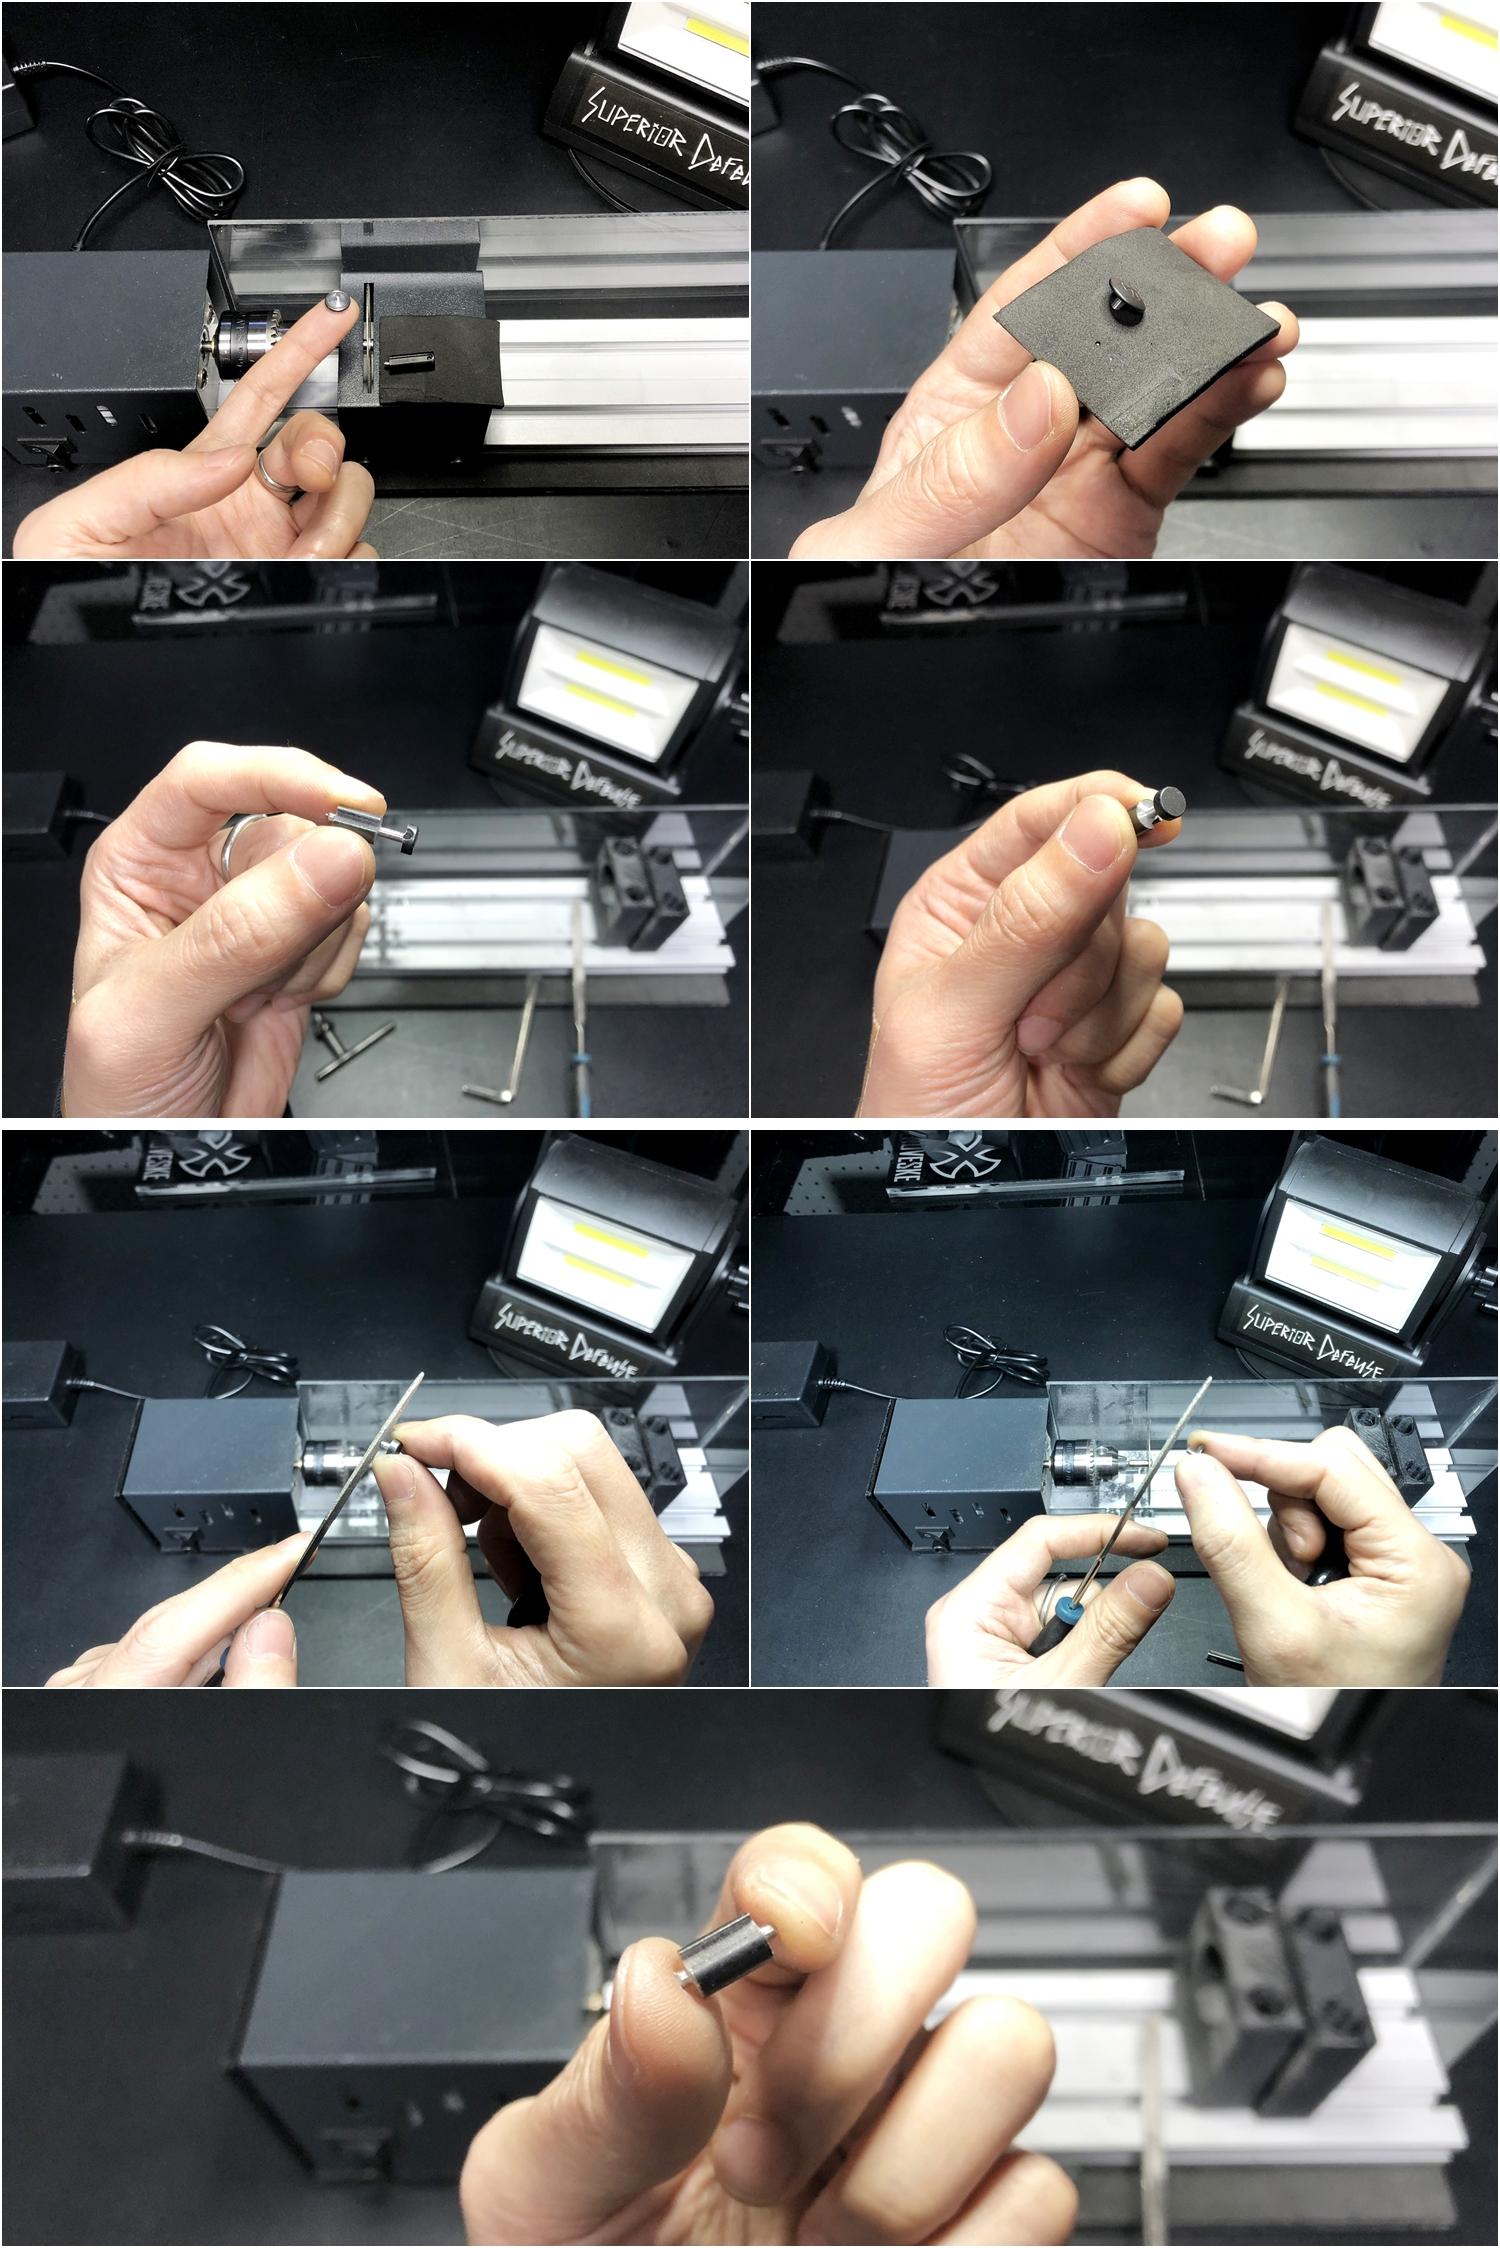 14 実物 NOVESKE AR-15 TAKEDOWN & PIVOT STEEL PIN!! 実物ピンを次世代M4へ対応させるべく簡易的DIY加工だ!ノベスケ ノベスキー スチール テイクダウン ピポッドピン! DIY 加工 カスタム 簡易的 旋盤加工 取付 レビ